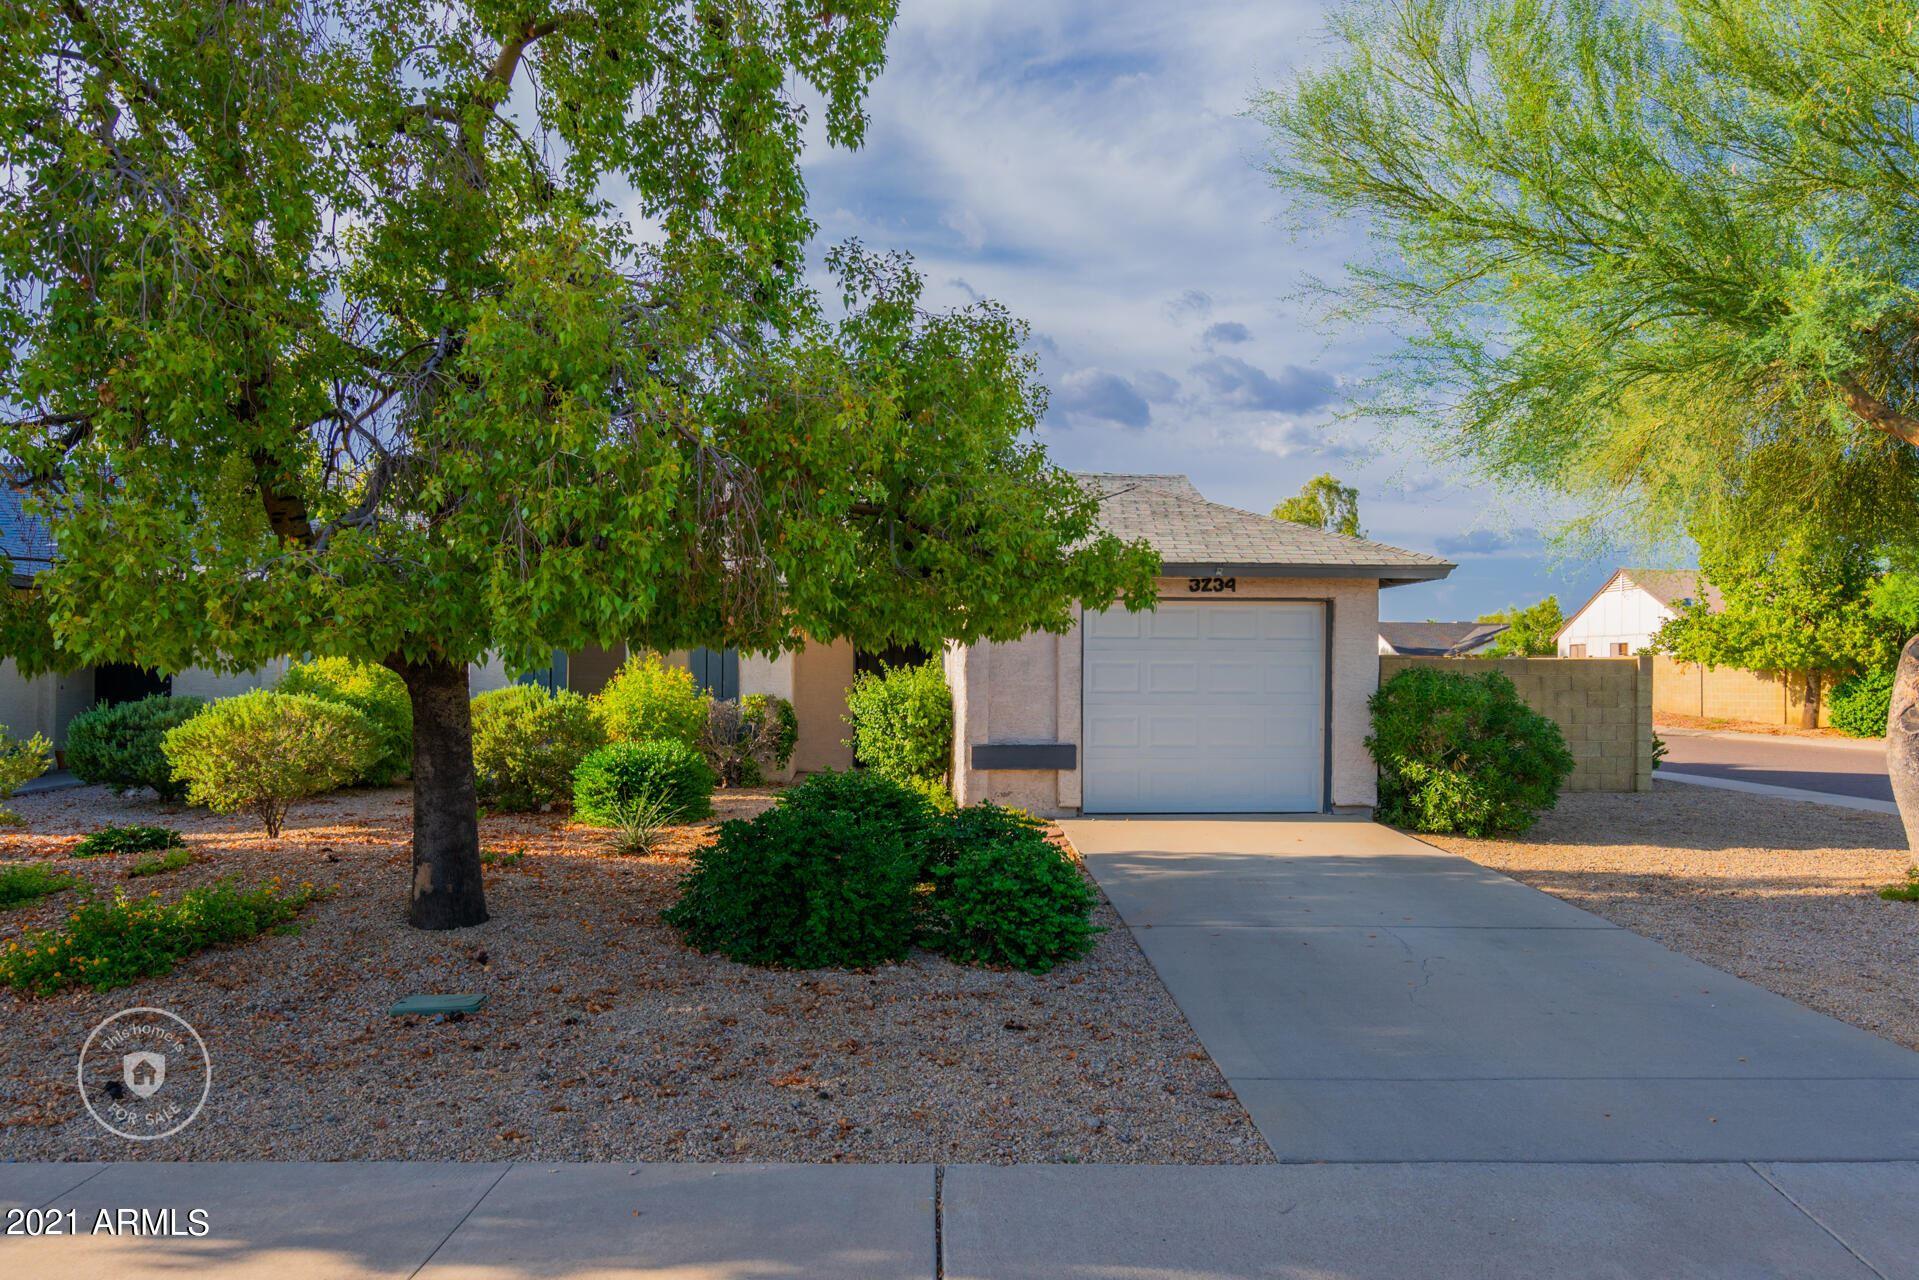 3234 W MOHAWK Lane, Phoenix, AZ 85027 - MLS#: 6299417